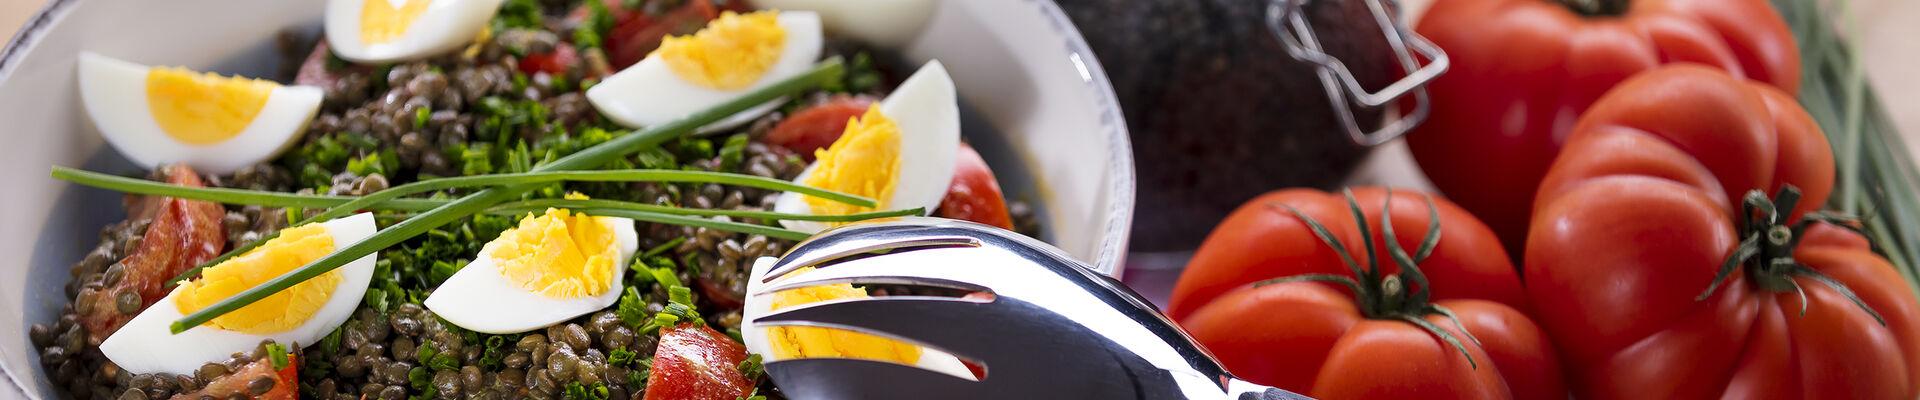 Salade de lentilles aux œufs et aux tomates